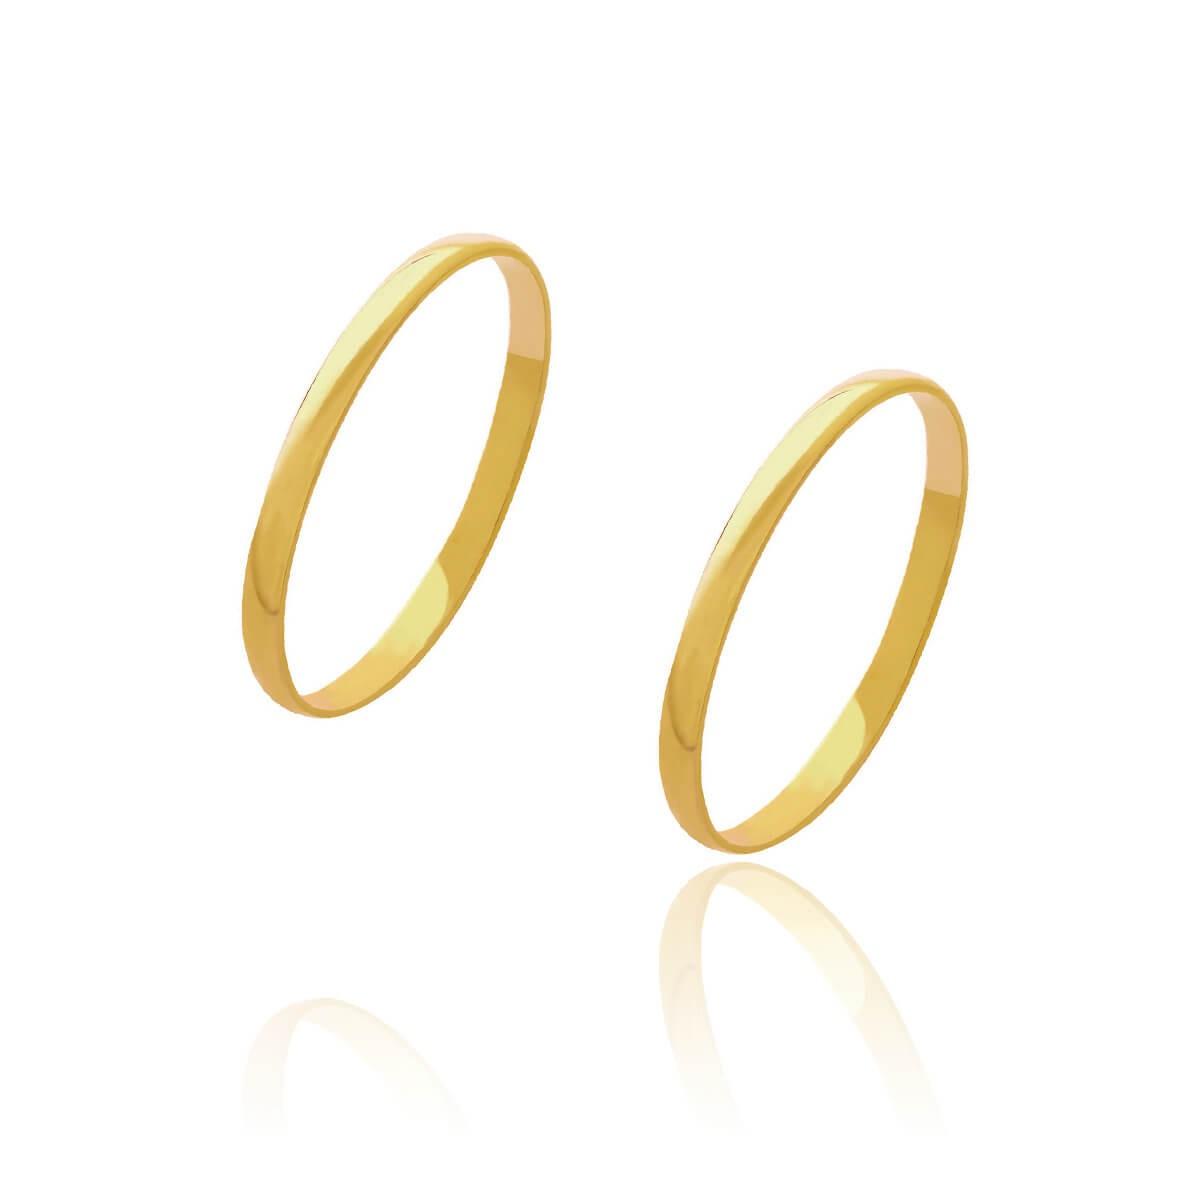 Par de Alianças de Casamento Diana Ouro Abaulada Lisa 1,5mm 1,2g